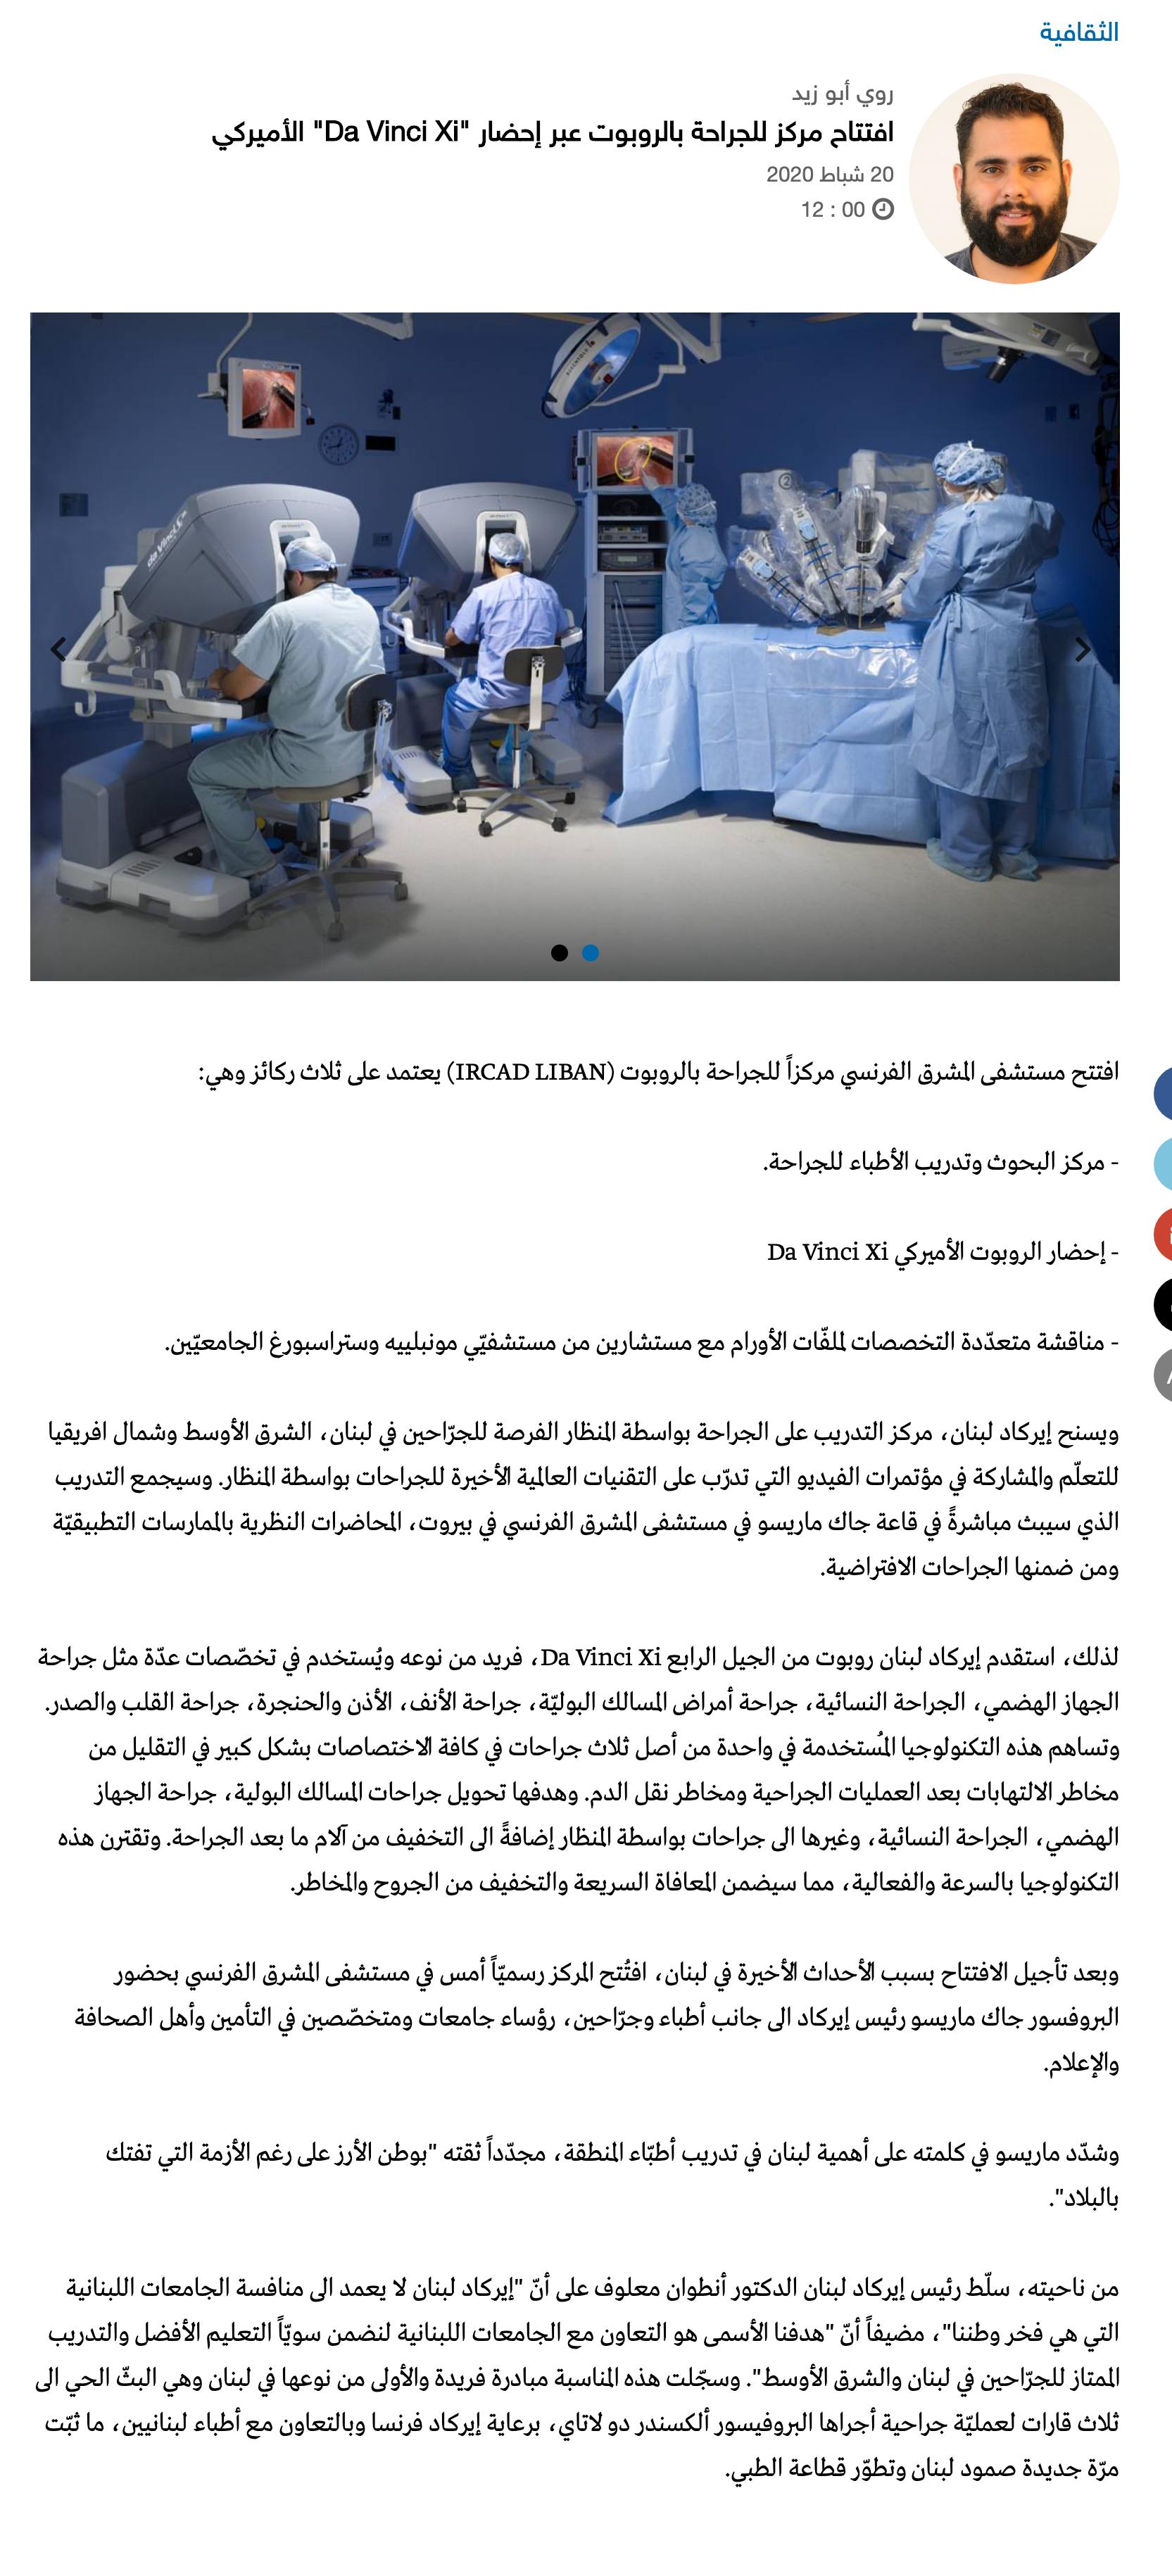 """افتتاح مركز للجراحة بالروبوت عبر إحضار """"Da Vinci Xi"""" الأميركي"""